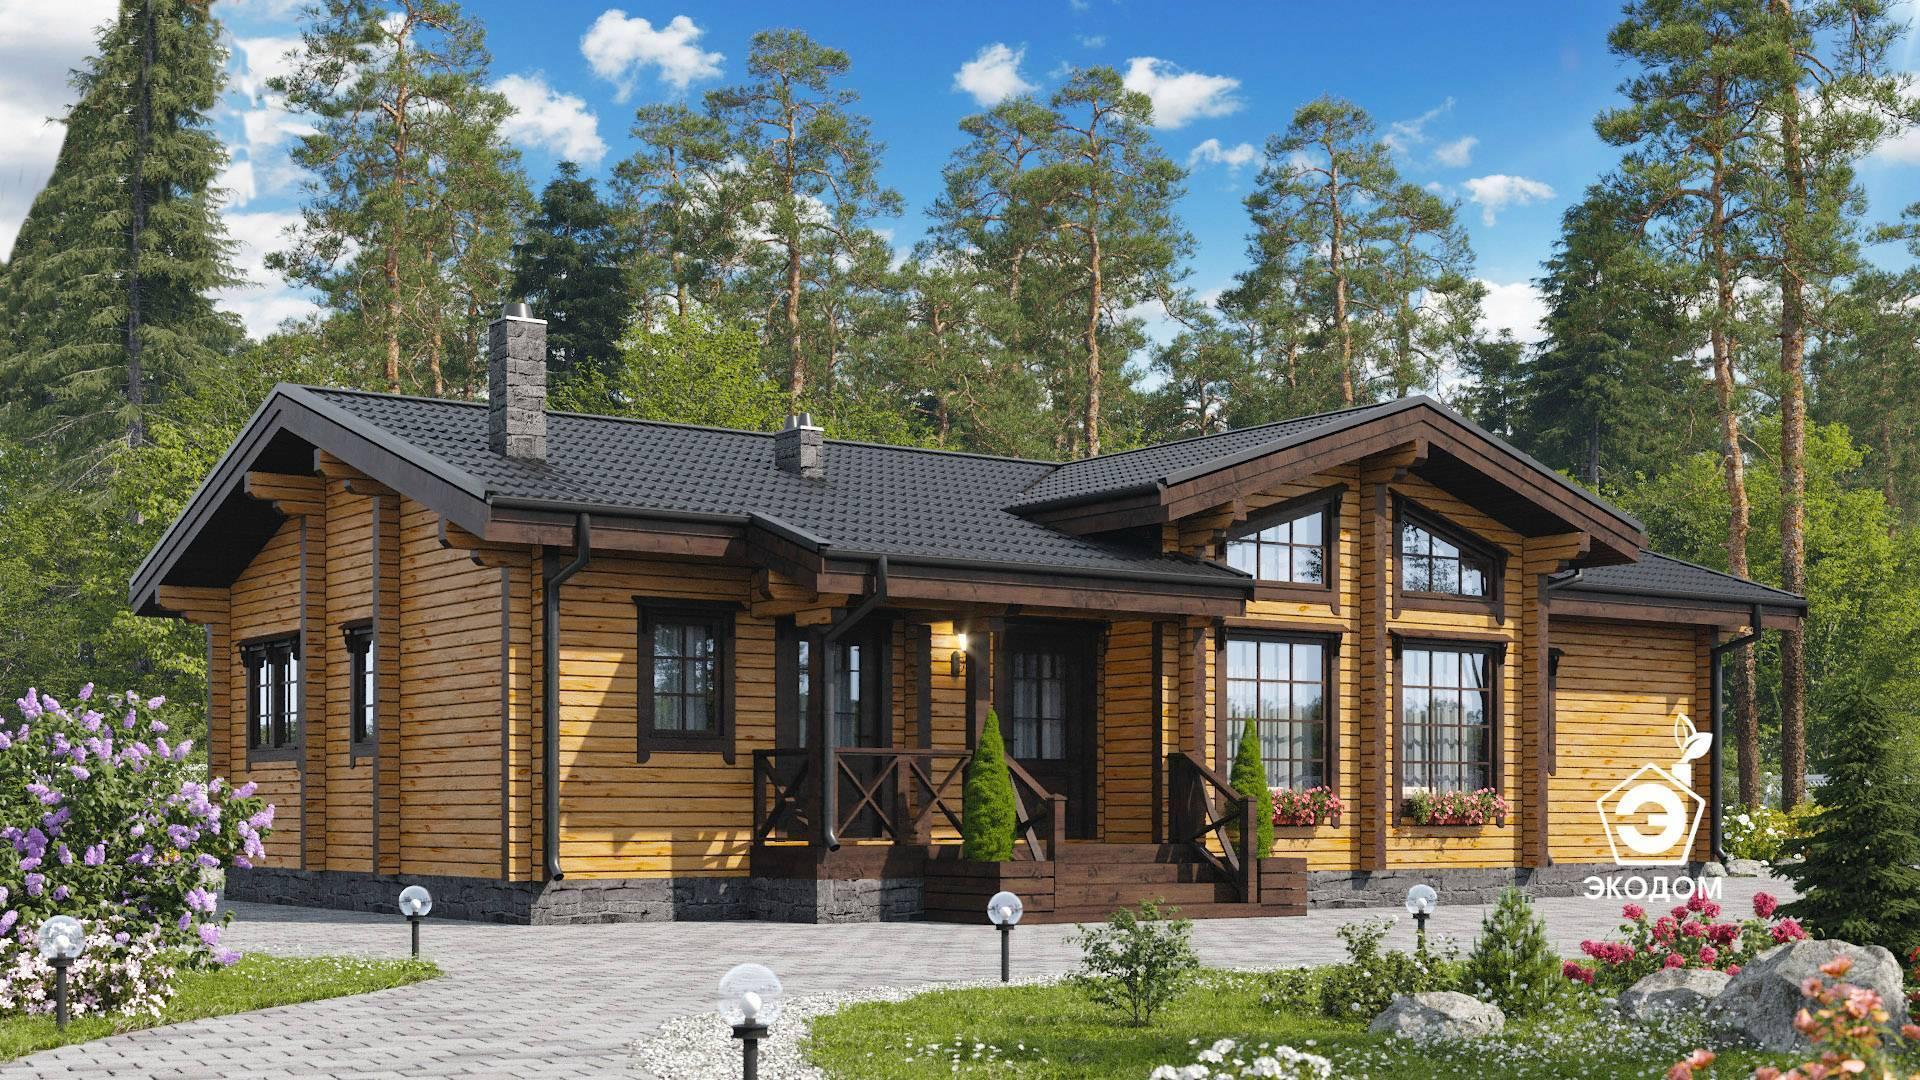 Дом из брус в стиле шале: фото, проекты